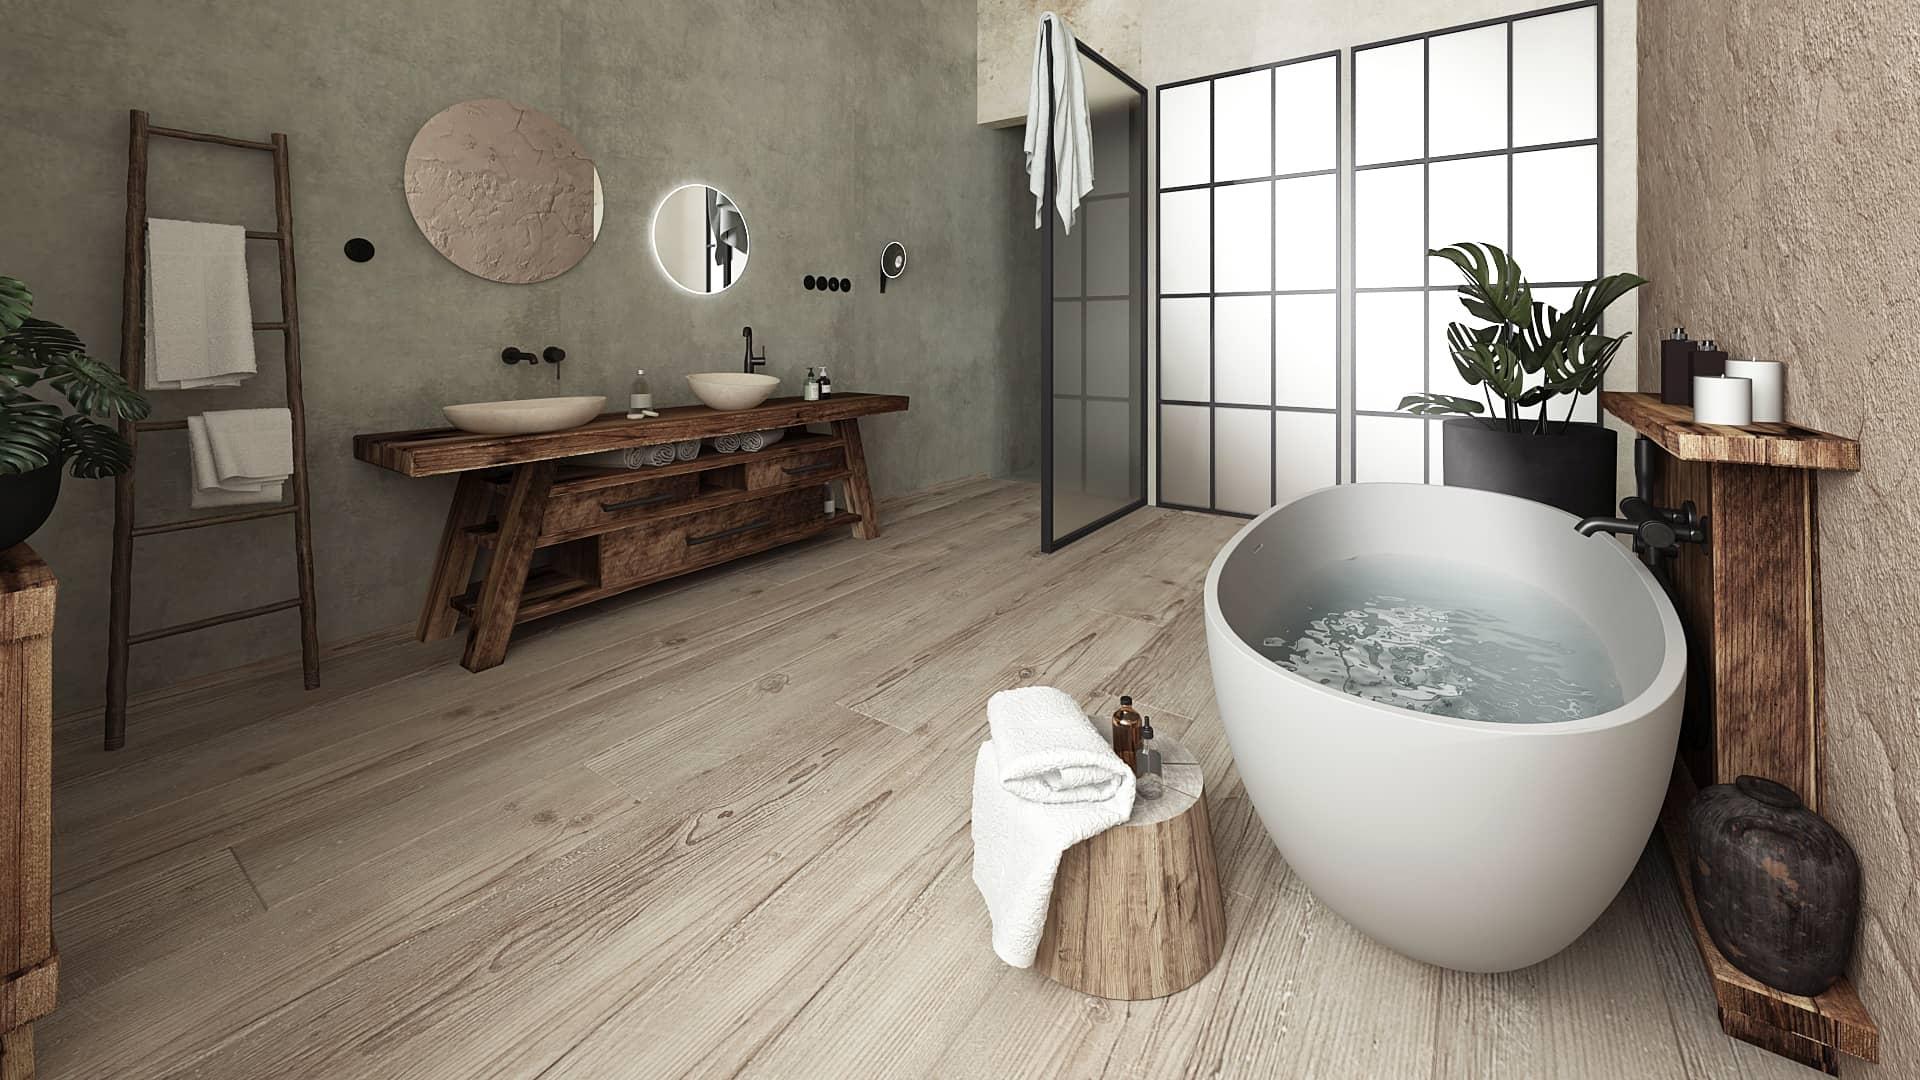 Centrum Křižíkova Free Architects rozhovor koupelna